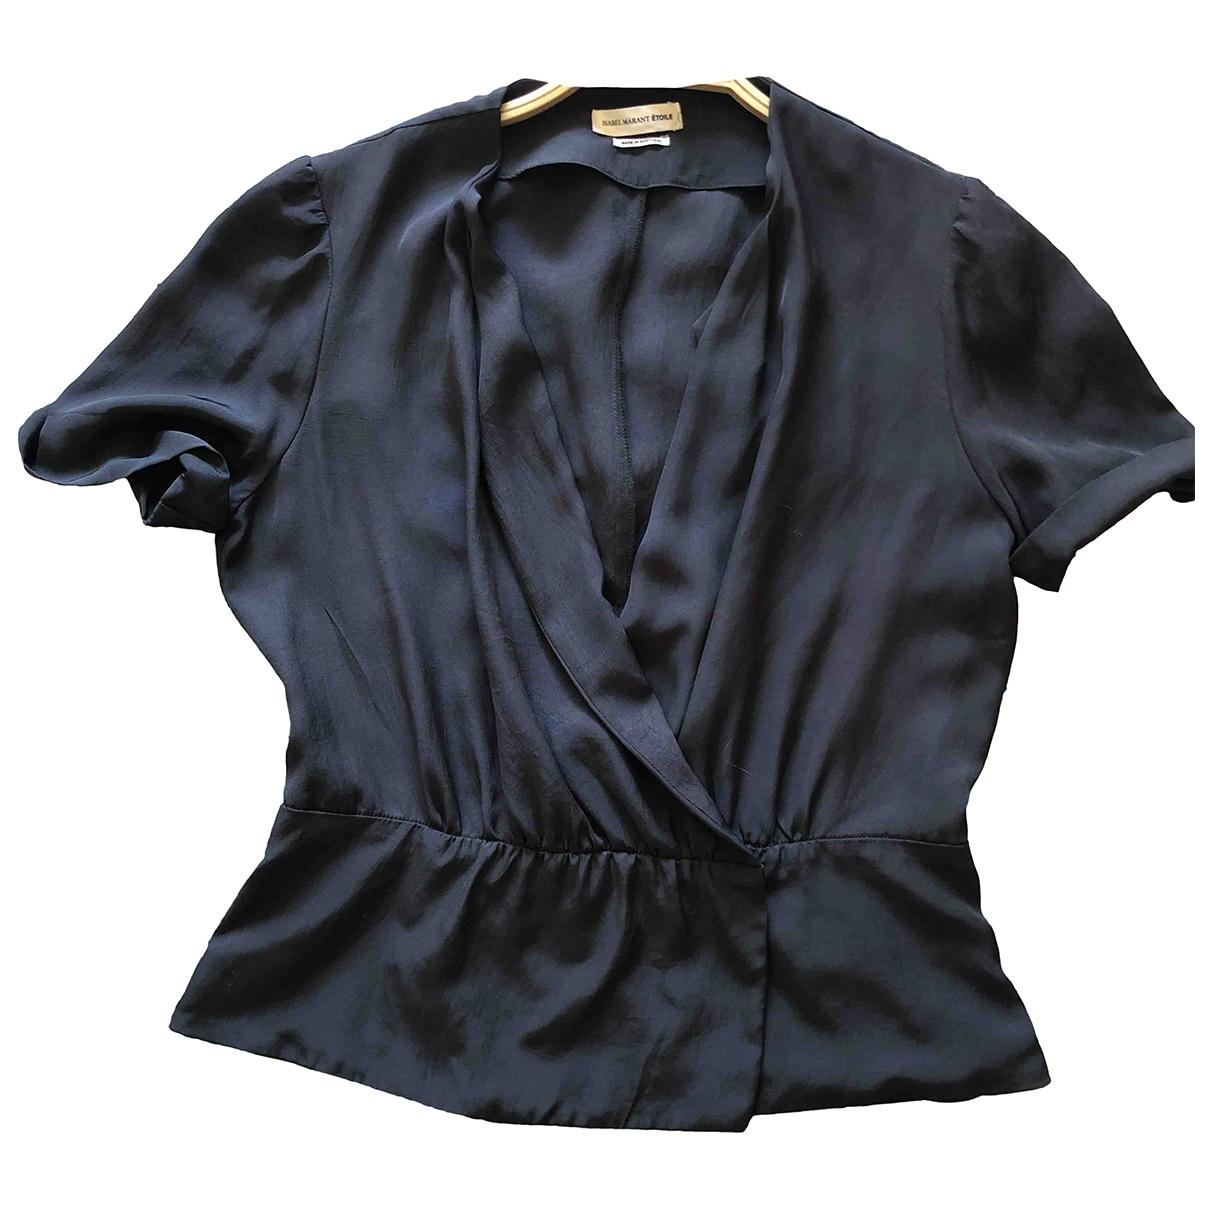 Isabel Marant Etoile \N Black  top for Women 42 FR